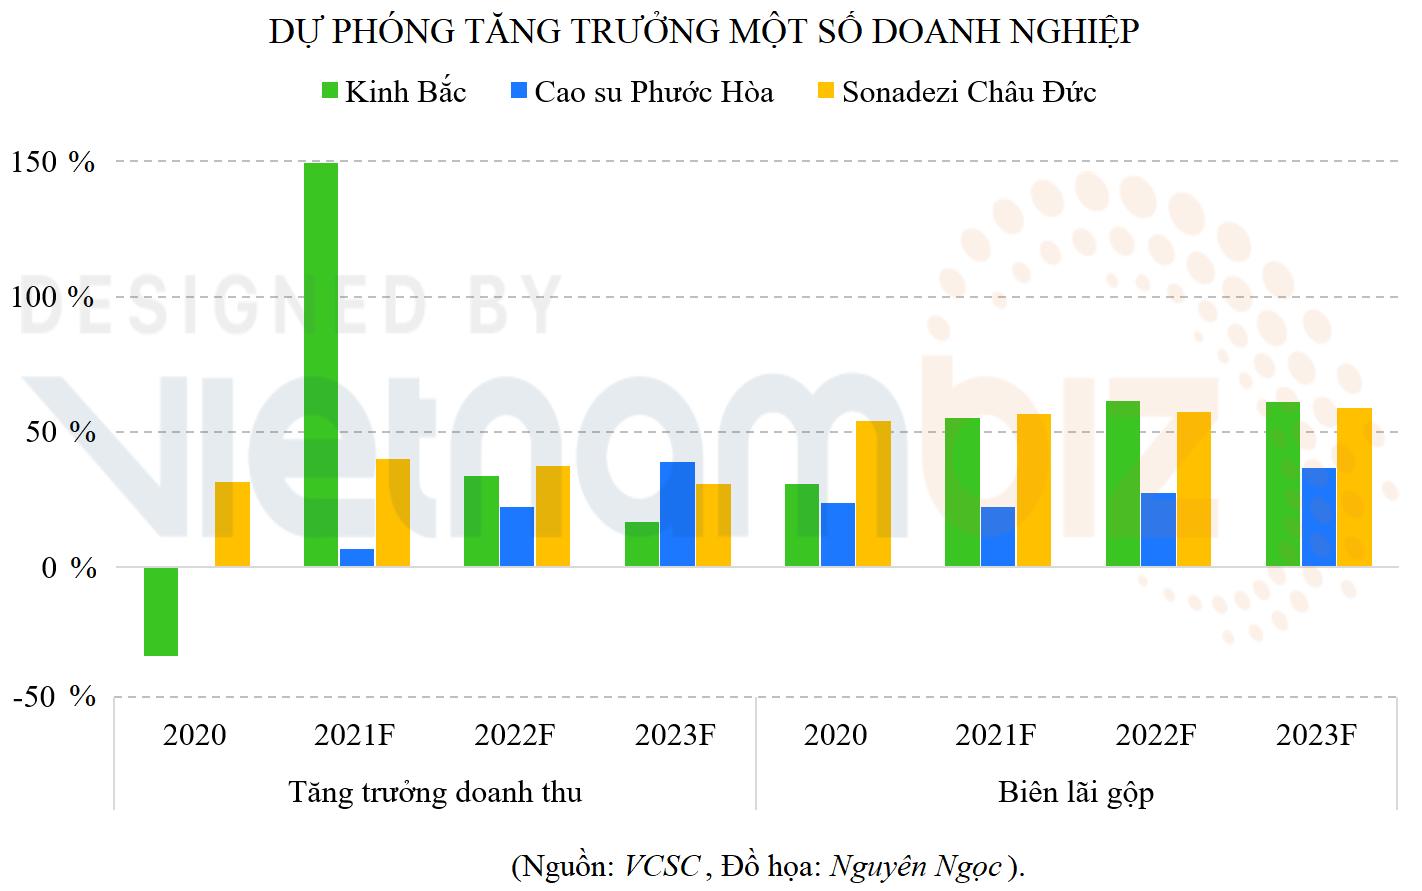 Dư địa tăng trưởng của doanh nghiệp BĐS KCN nửa cuối năm 2021-2023 - Ảnh 2.